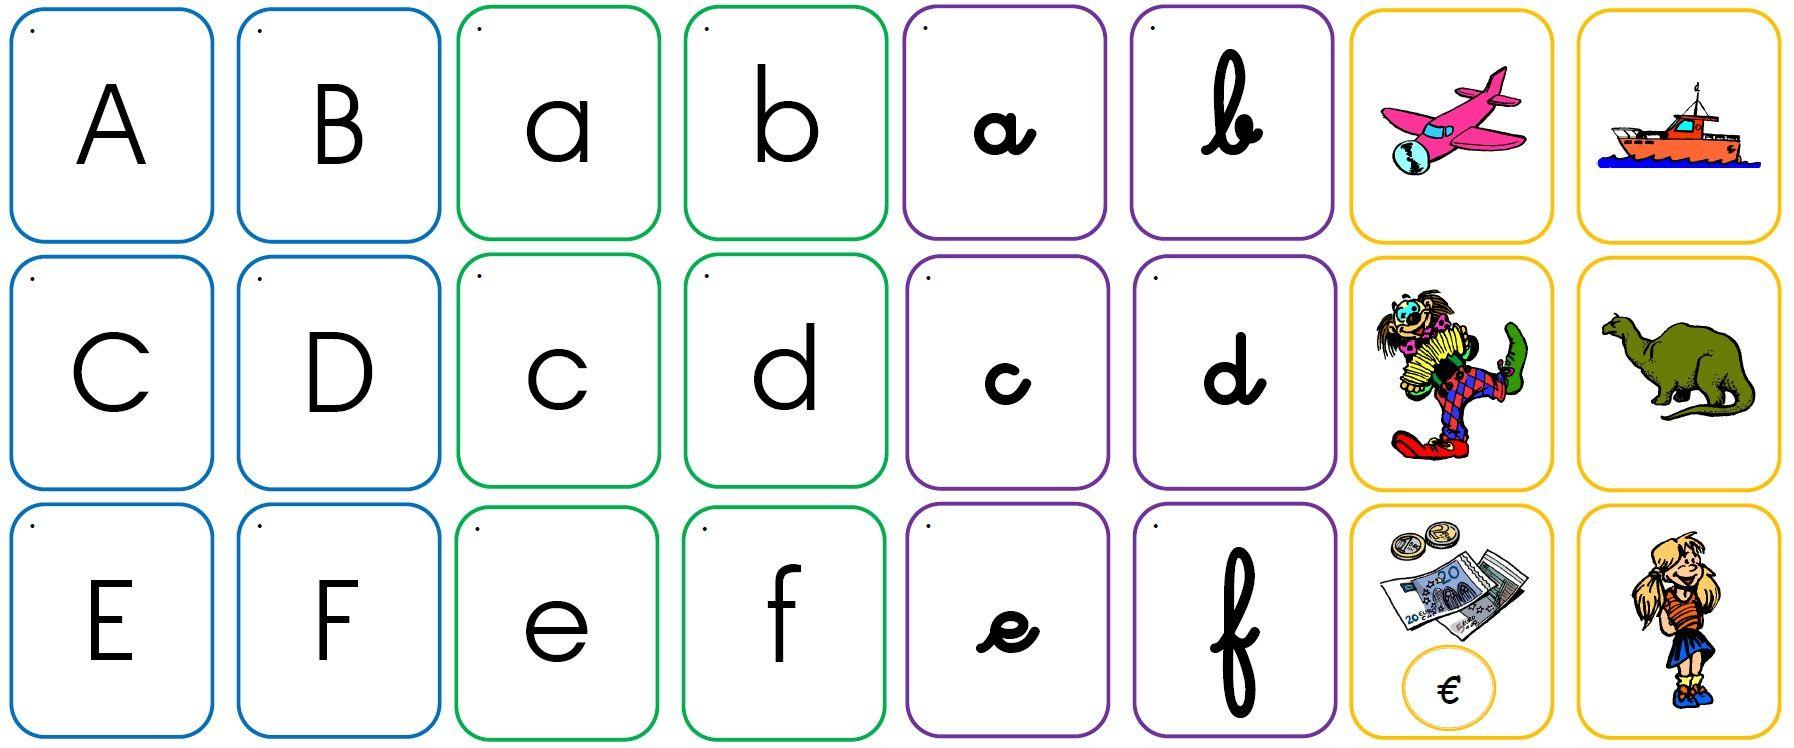 Jeu Memory Des Lettres | Lettre A, Des Lettres, Jeux Alphabet destiné Jeux Pour Apprendre L Alphabet